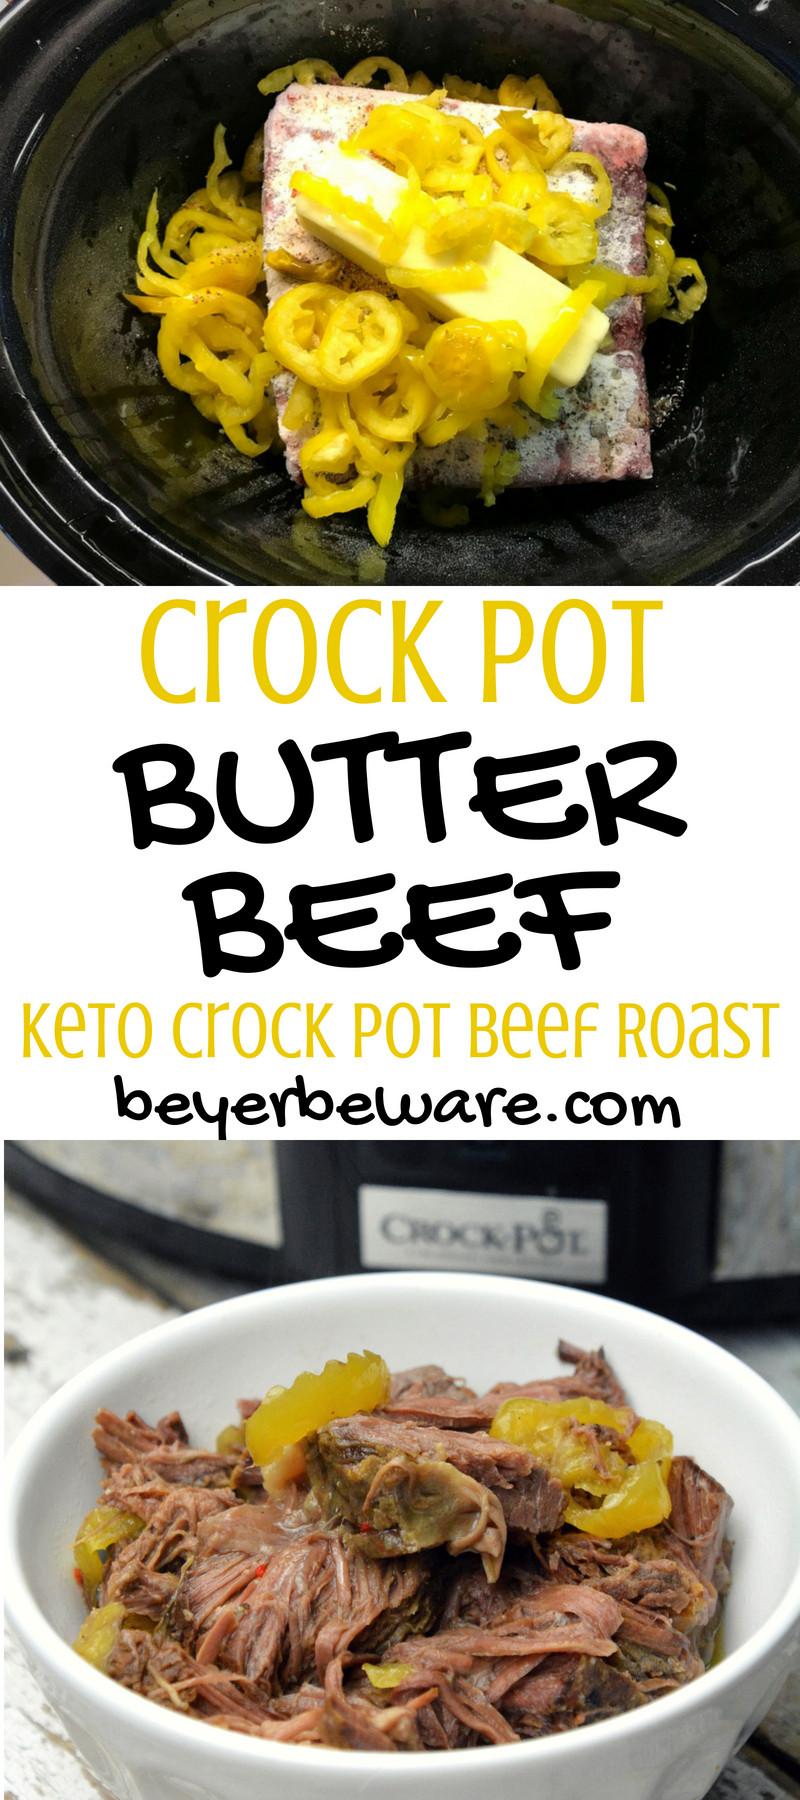 Stew Meat Recipes Crock Pot Keto  Crock Pot Butter Beef Keto Crock Pot Beef Roast Beyer